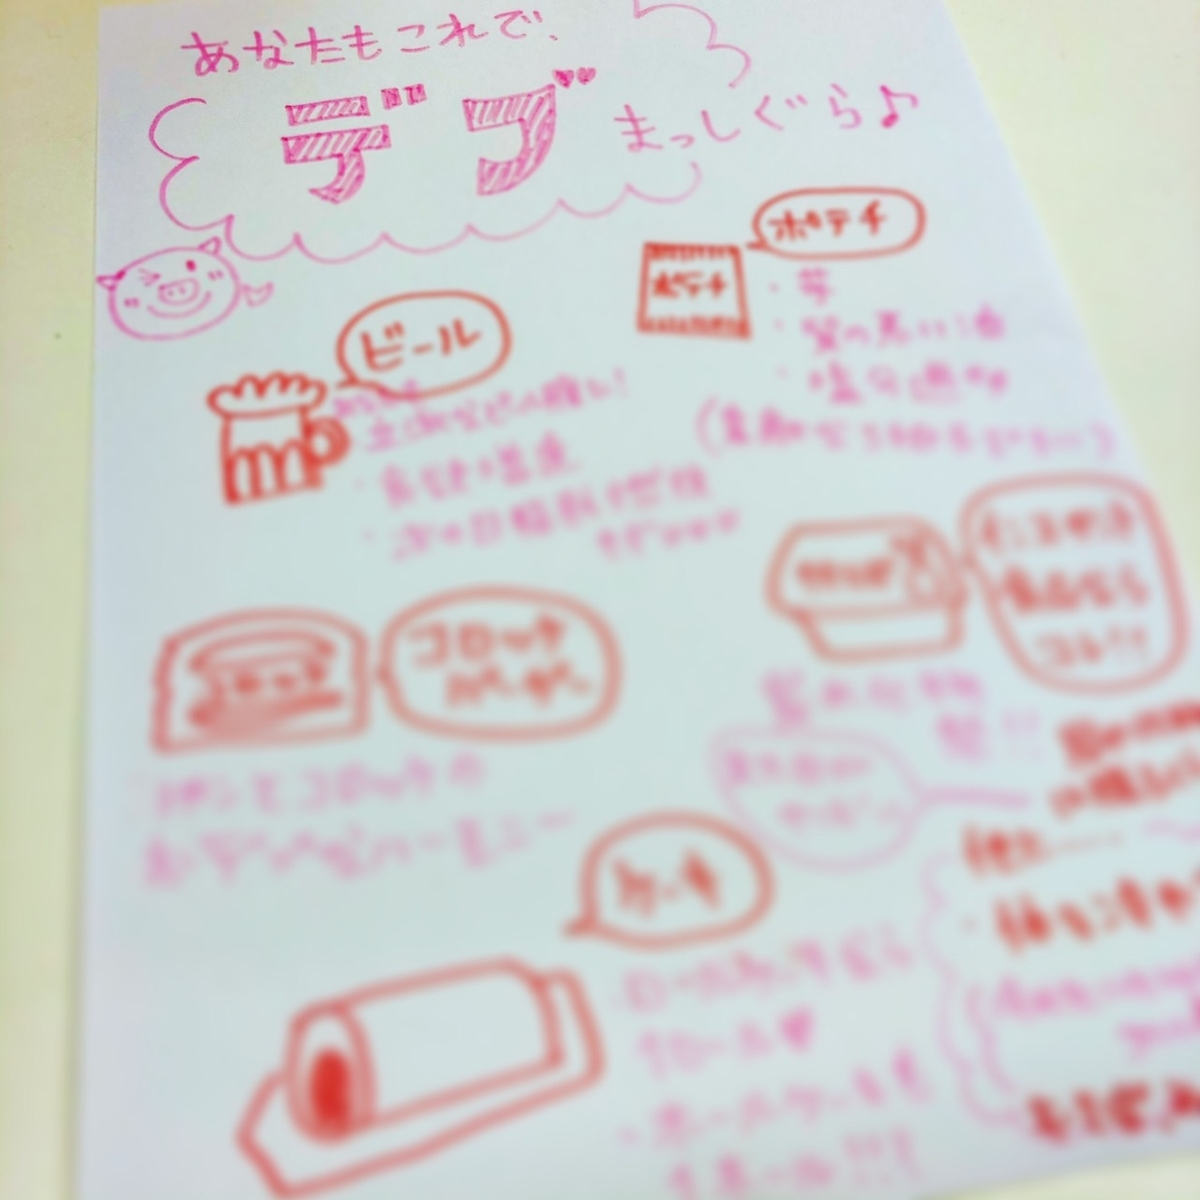 f:id:wadakazuma:20200809161600j:plain